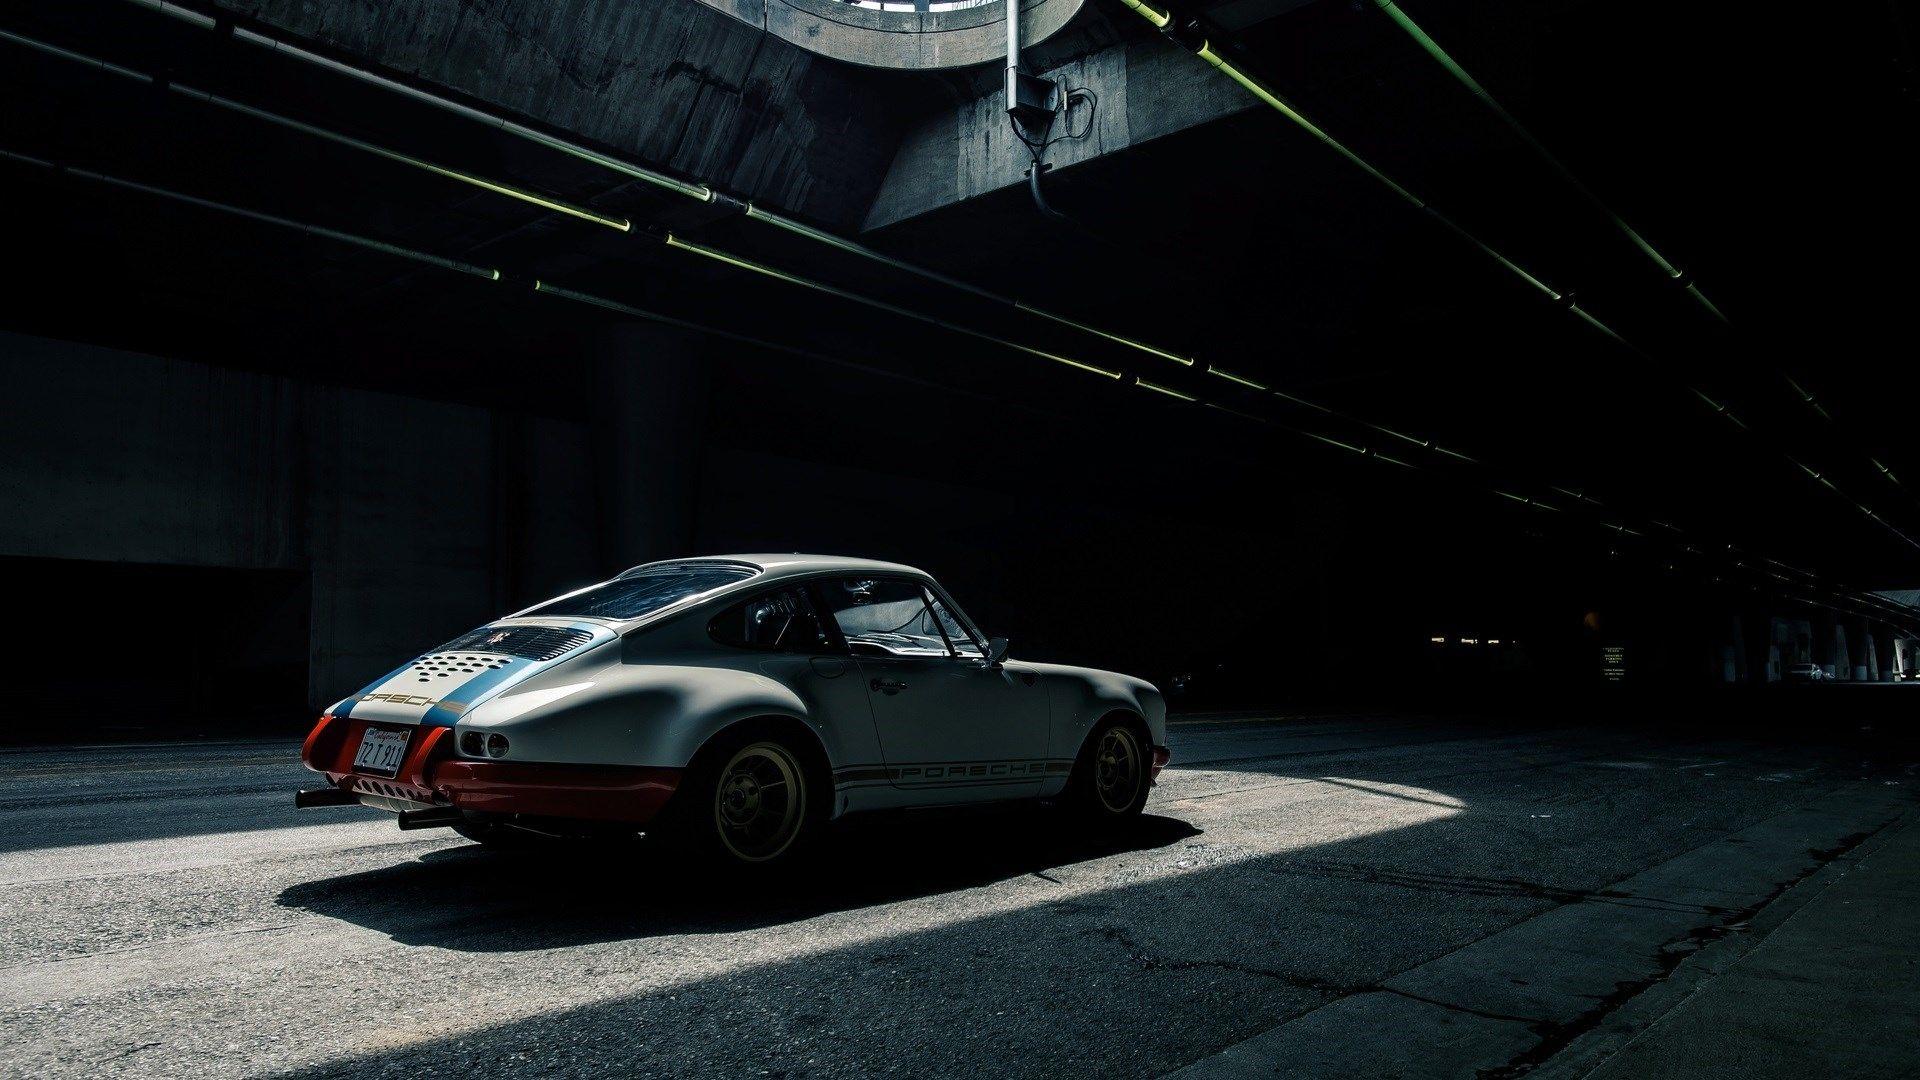 Porsche 911 classic wallpapers porsche 911 classic interior 911 classic wallpaper car wallpapers voltagebd Gallery